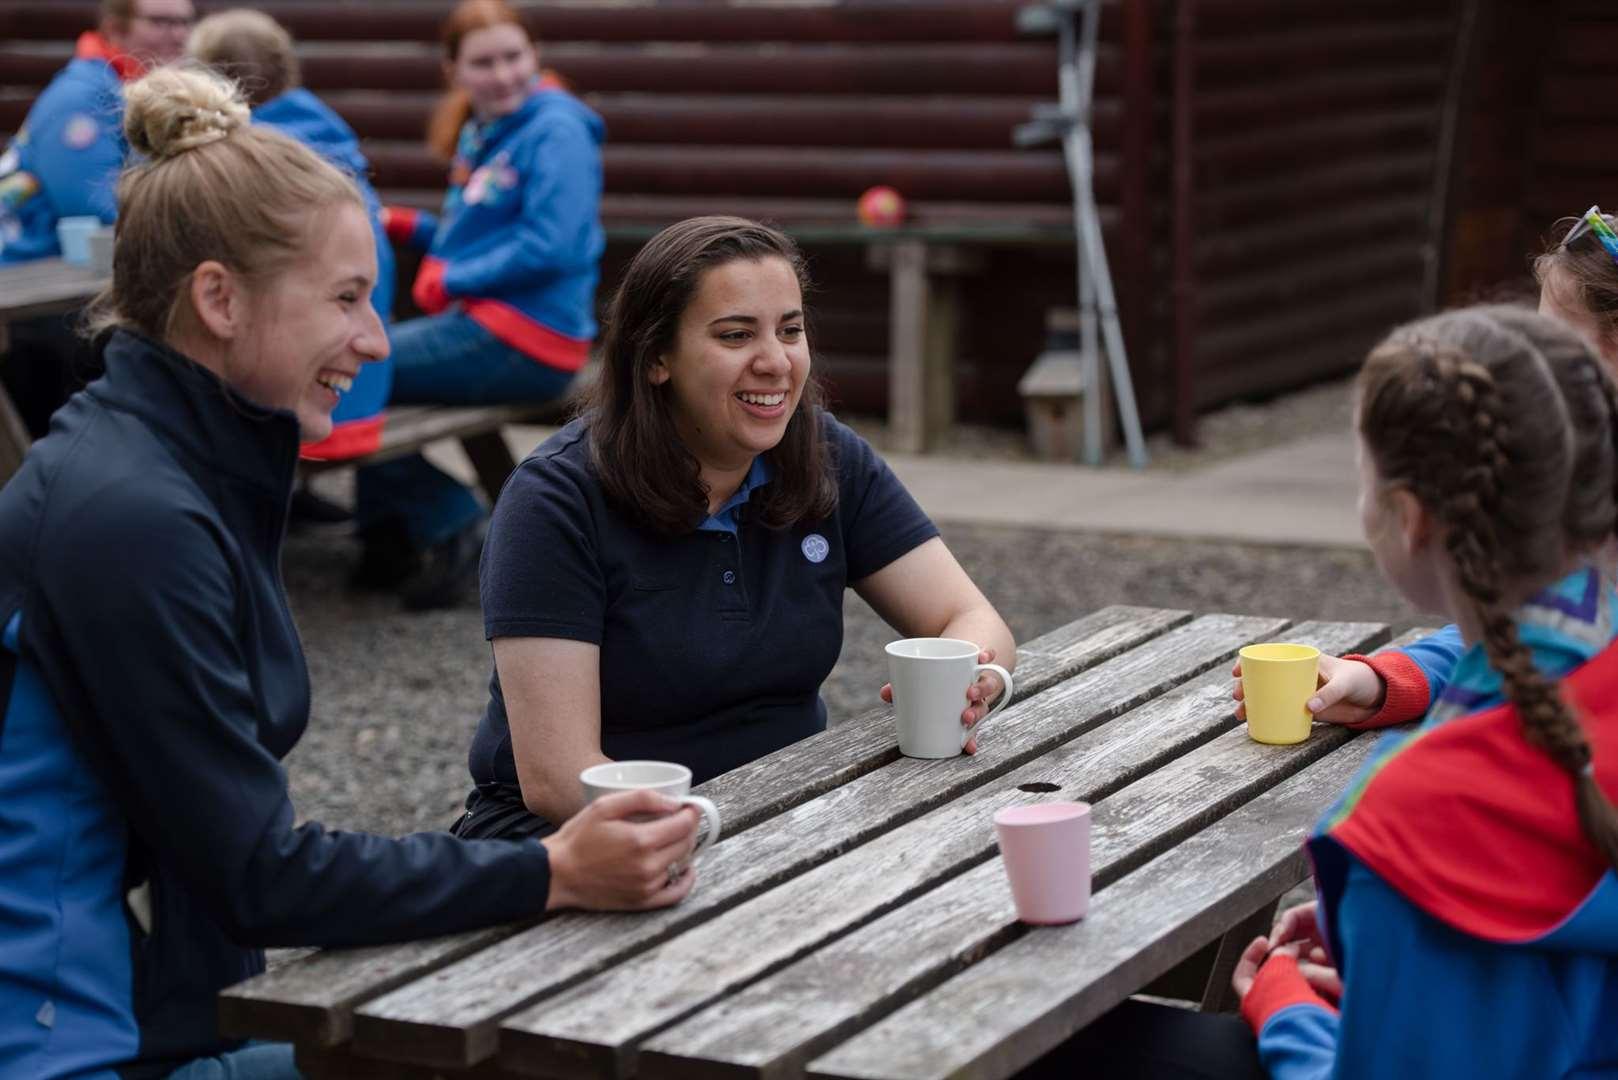 GirlGuiding at Blair Activity Center - July 2021 - © Julie Broadfoot - www.juliebee.co.uk